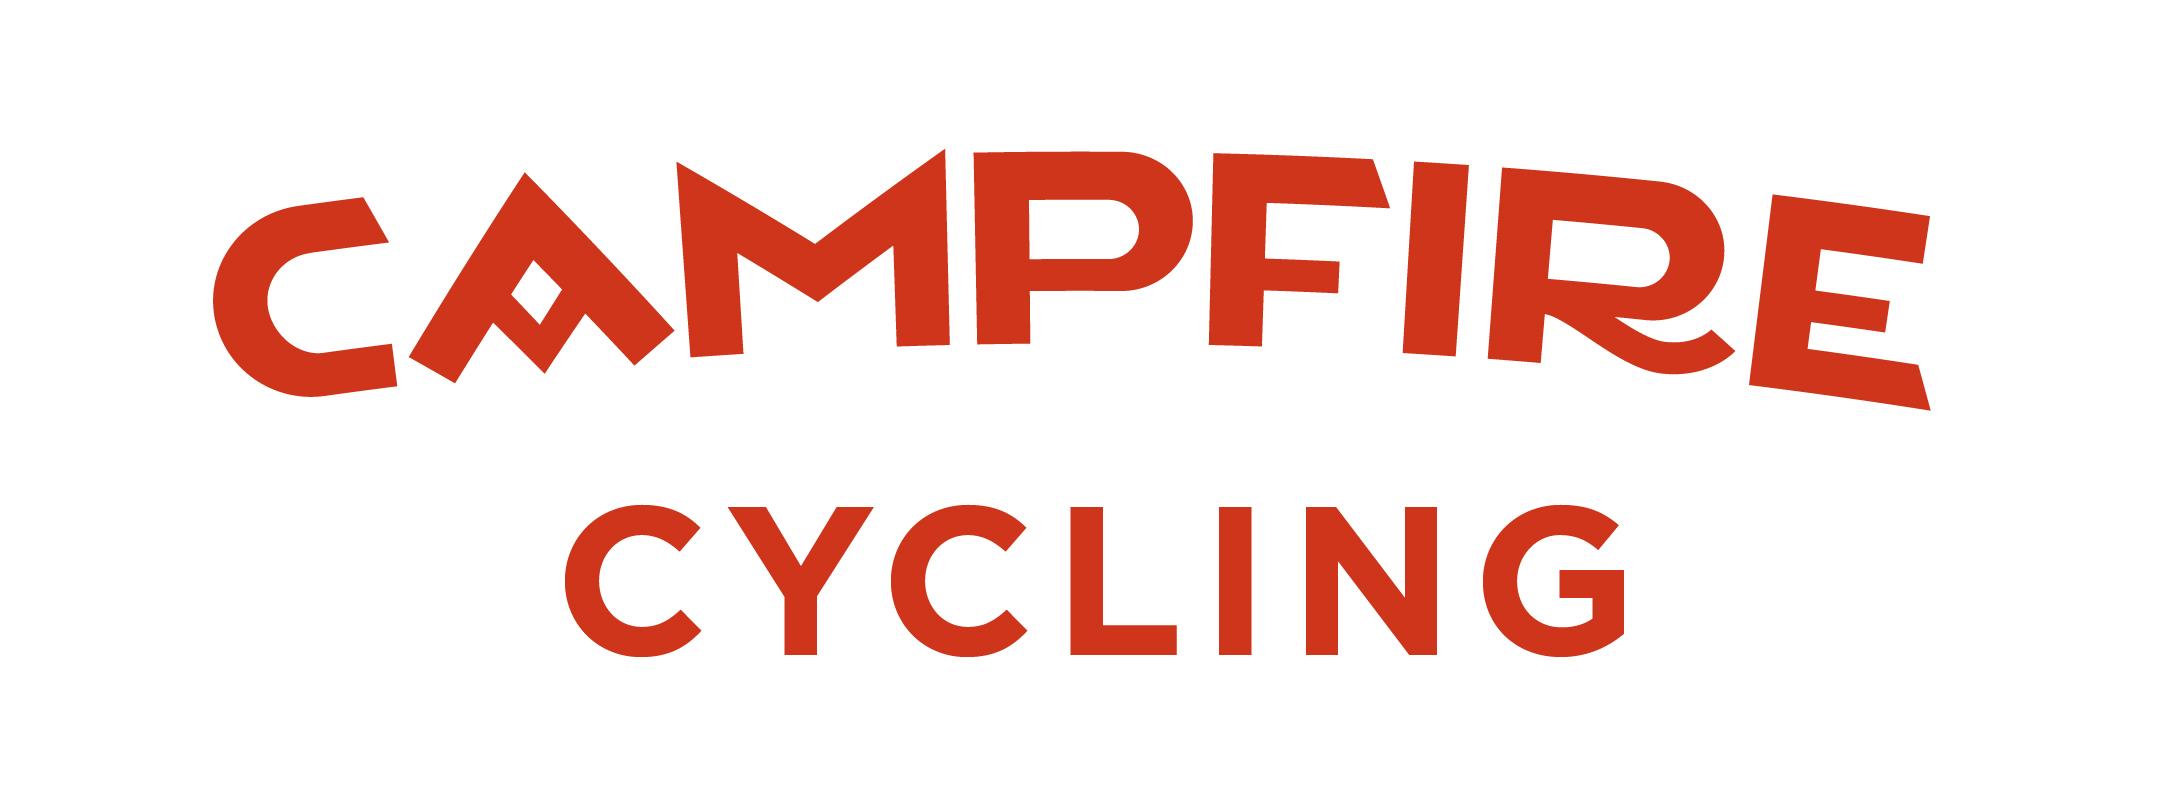 Read CampfireCycling.com Reviews